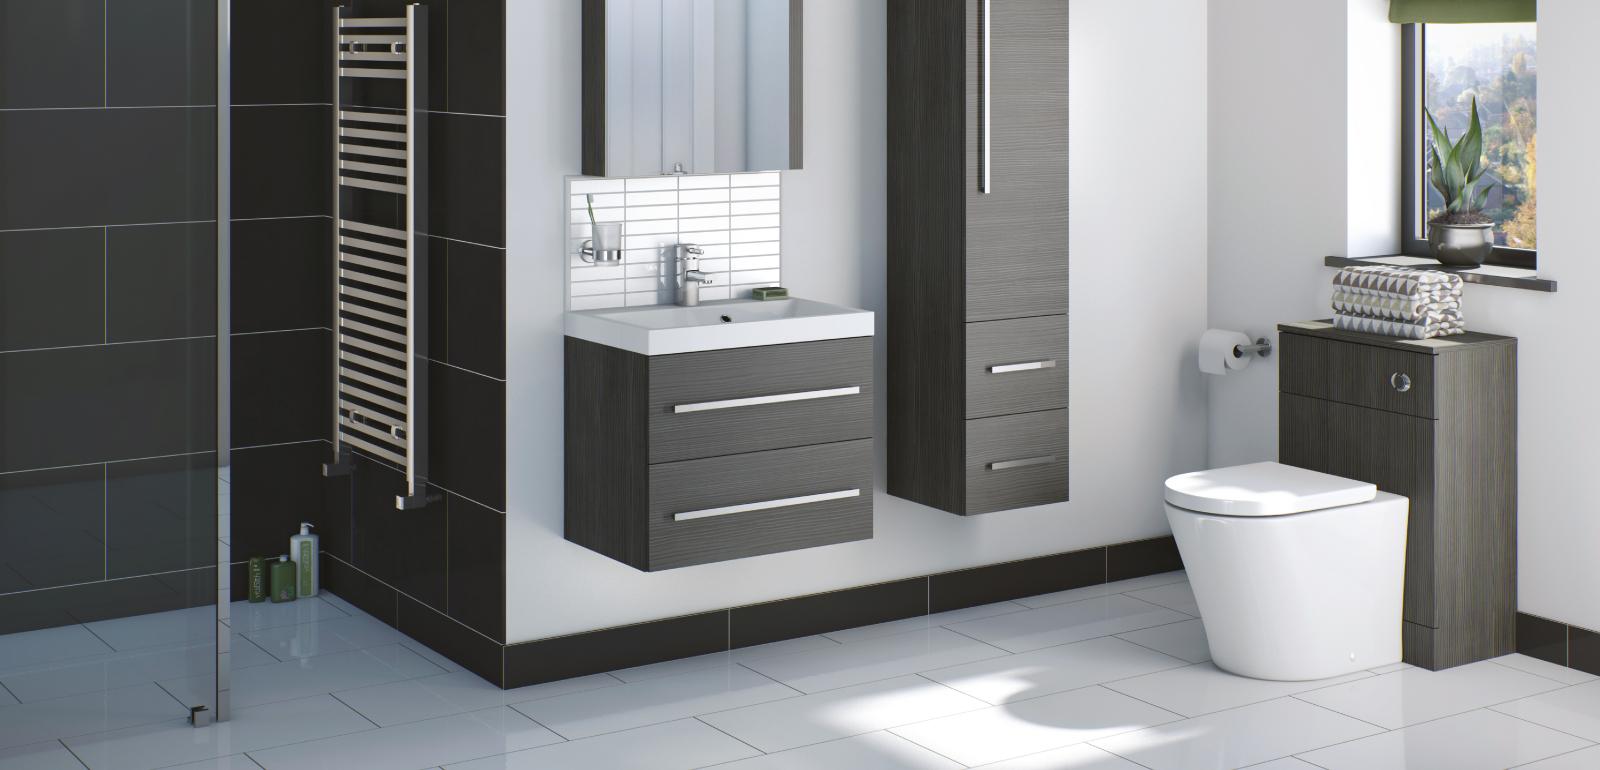 Model  BathroomFurnitureBathroomFurnitureRangesPragueWhiteBathroom